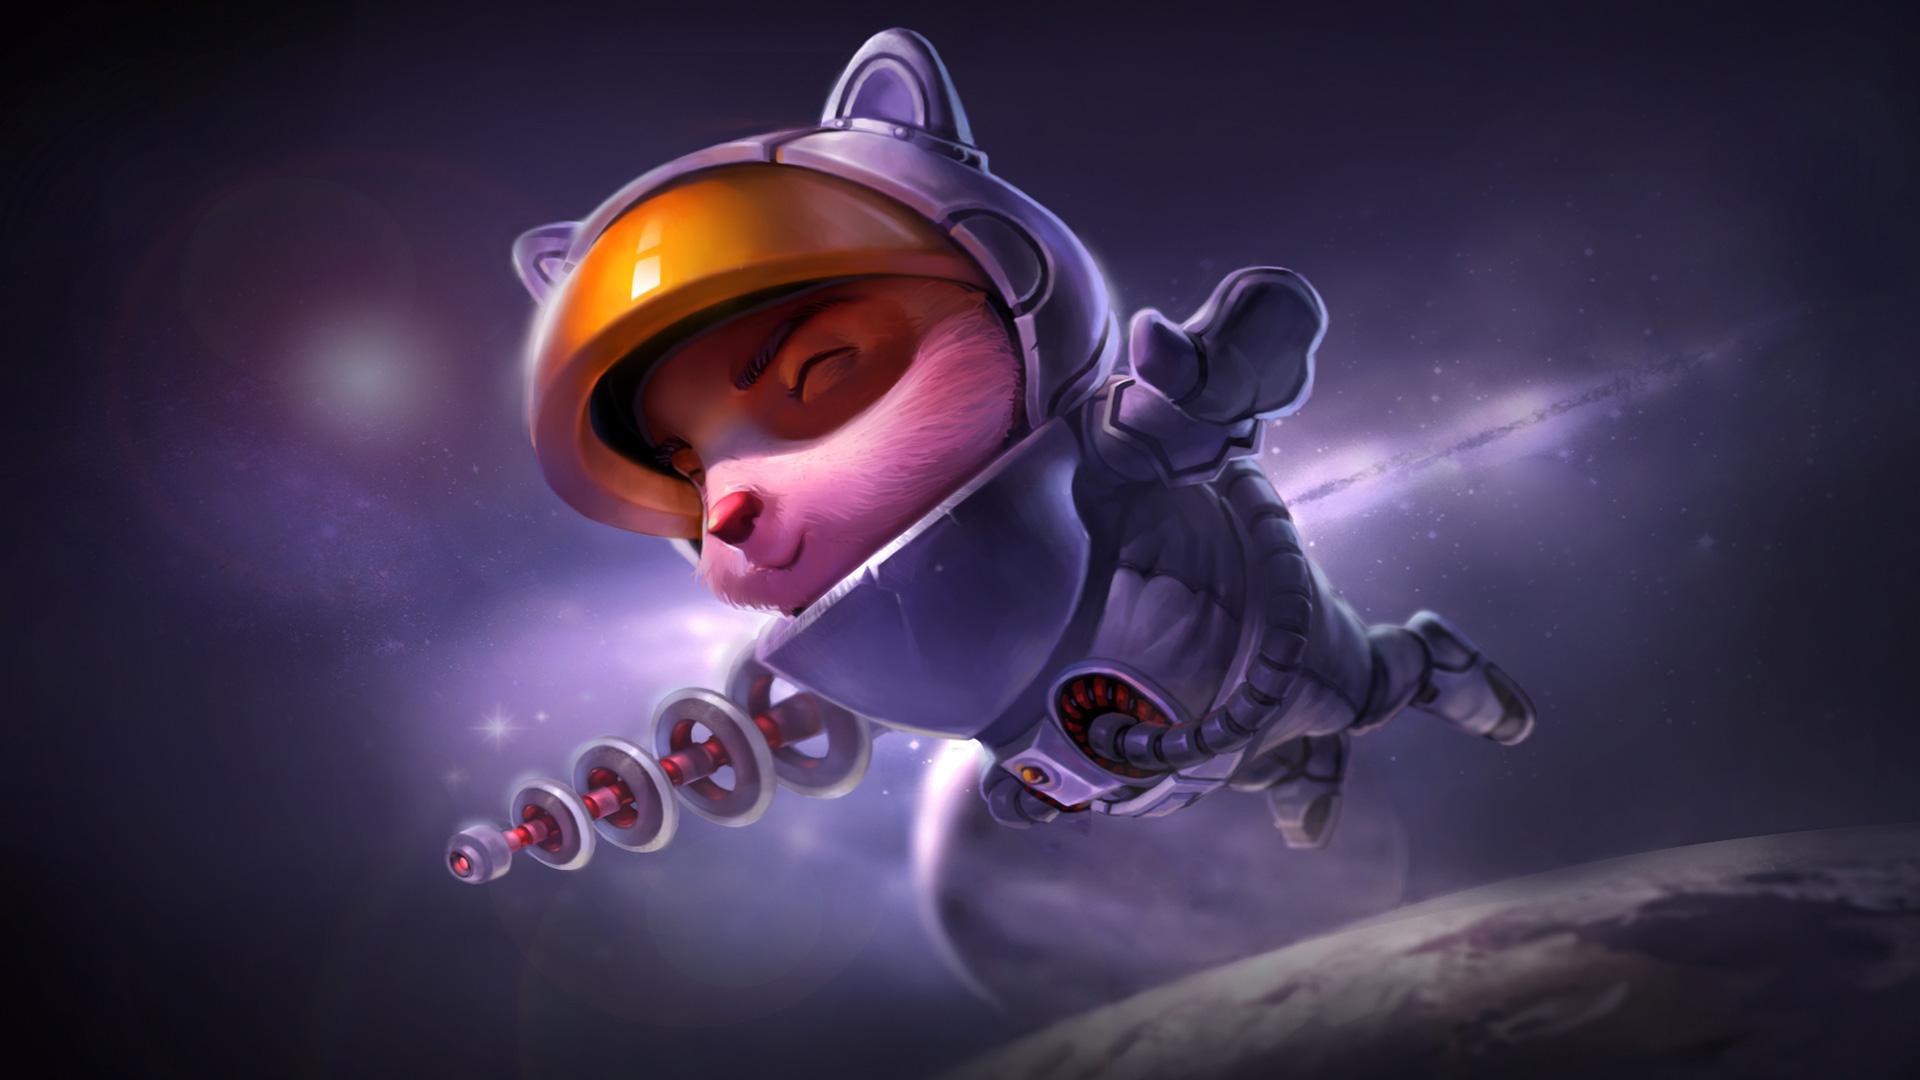 《【煜星娱乐平台首页】云顶之弈10.16: 太空海盗获加强, 新小小英雄和星系登场》